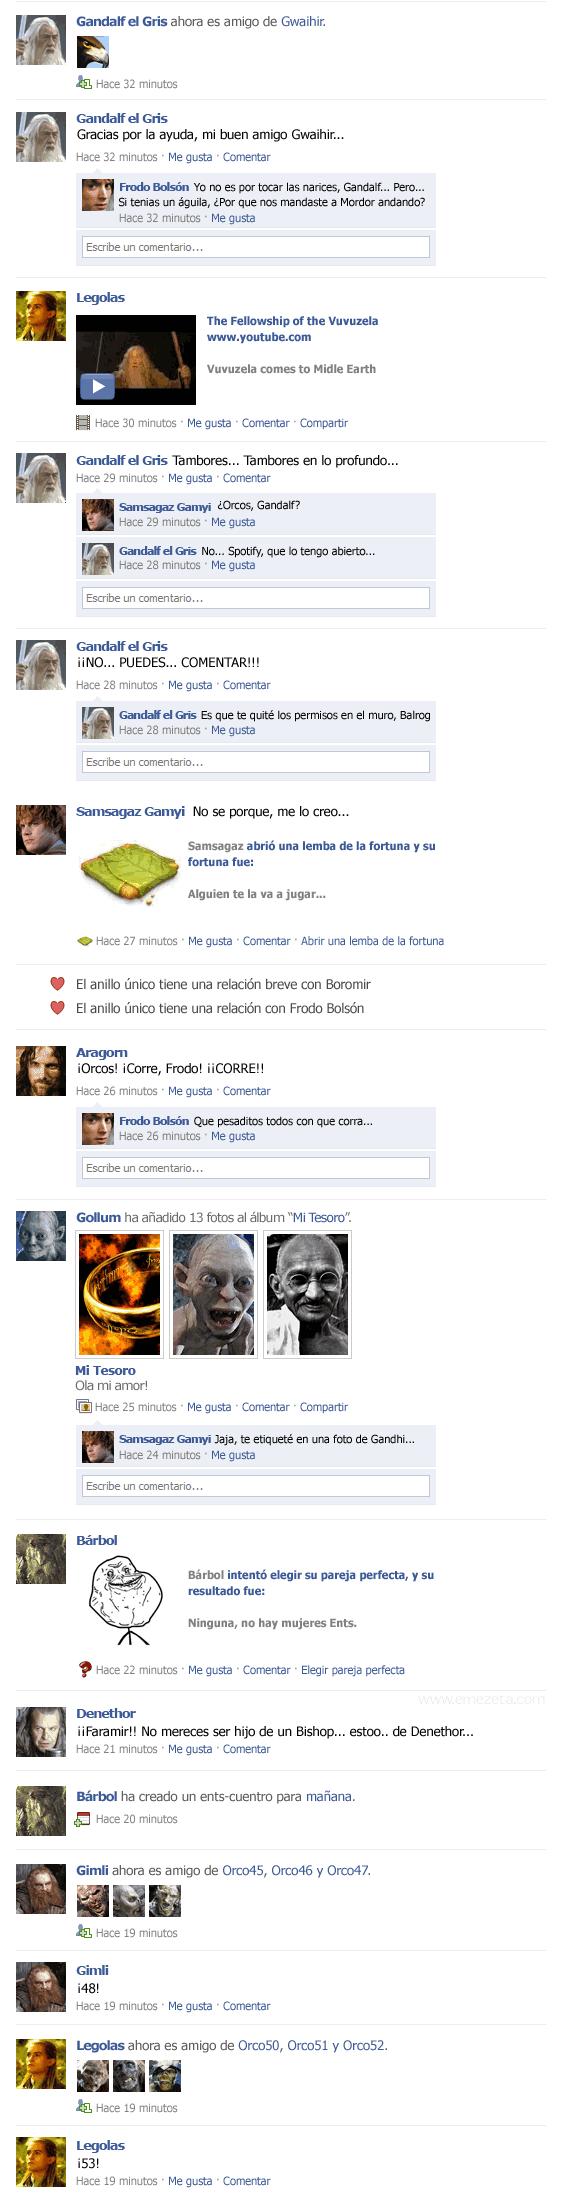 El Facebook del Señor de los Anillos: parte 2